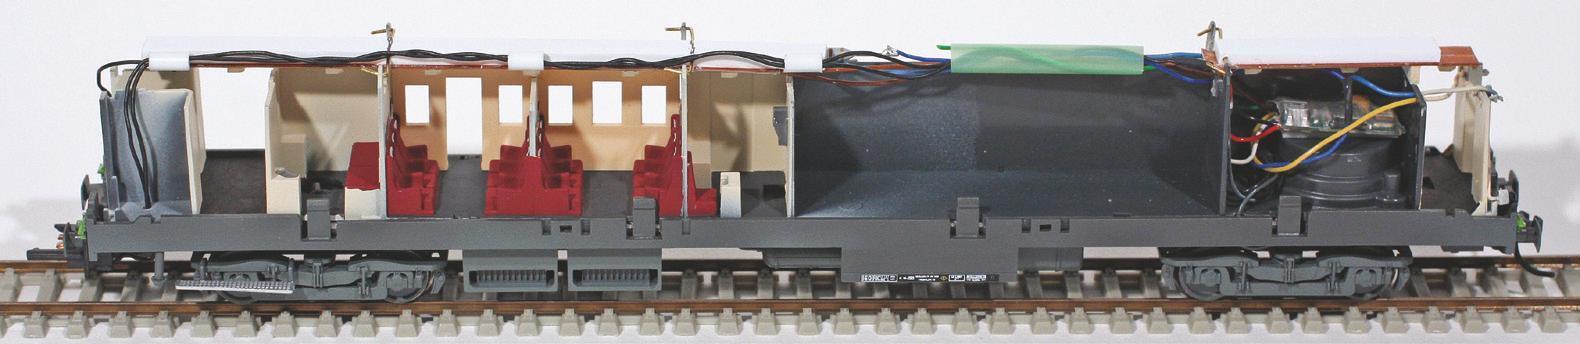 11 - Décodeur de fonction installé dans un fourgon PBA Trix, il commande les feux et l'éclairage train.